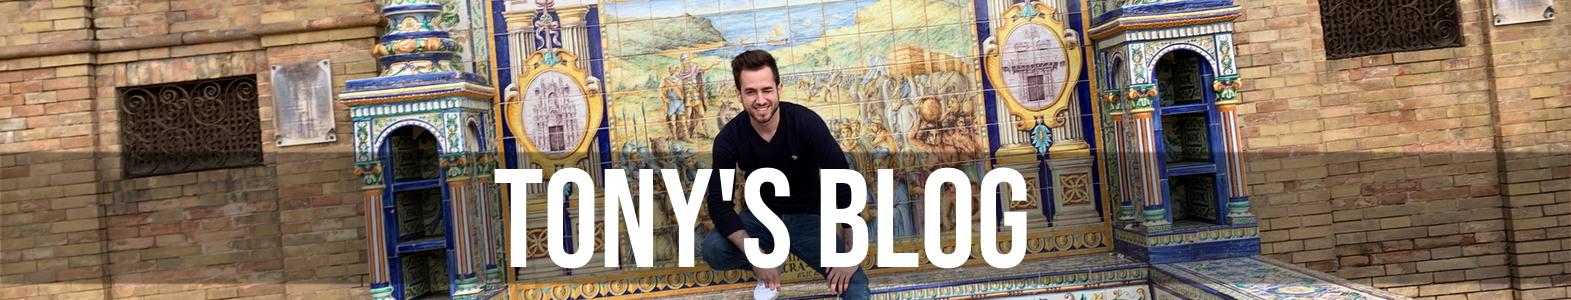 Tony's Blog